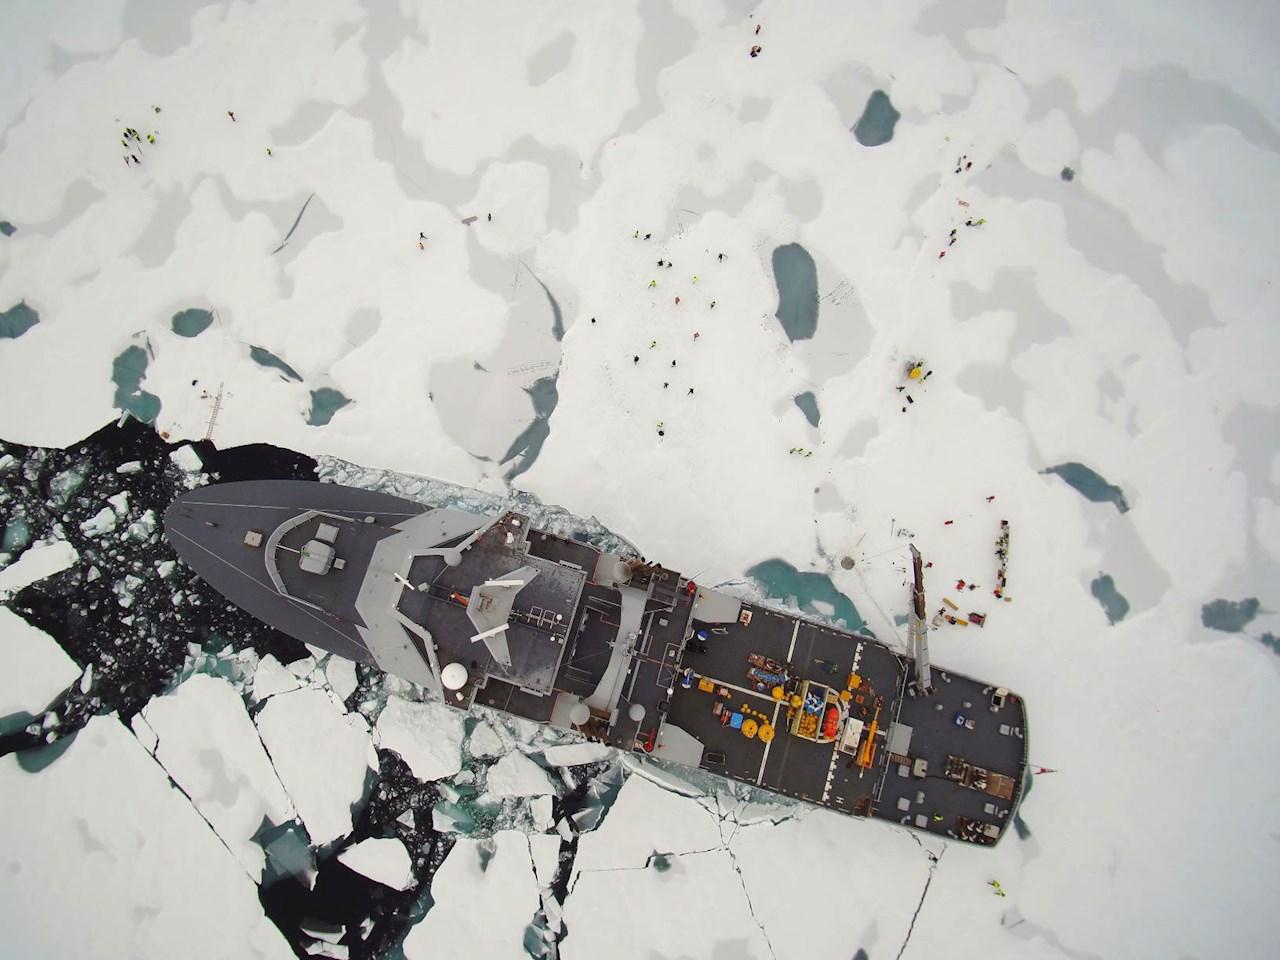 KV Svalbard vid Nordpolen. Foto taget av norska kustbevakningen.